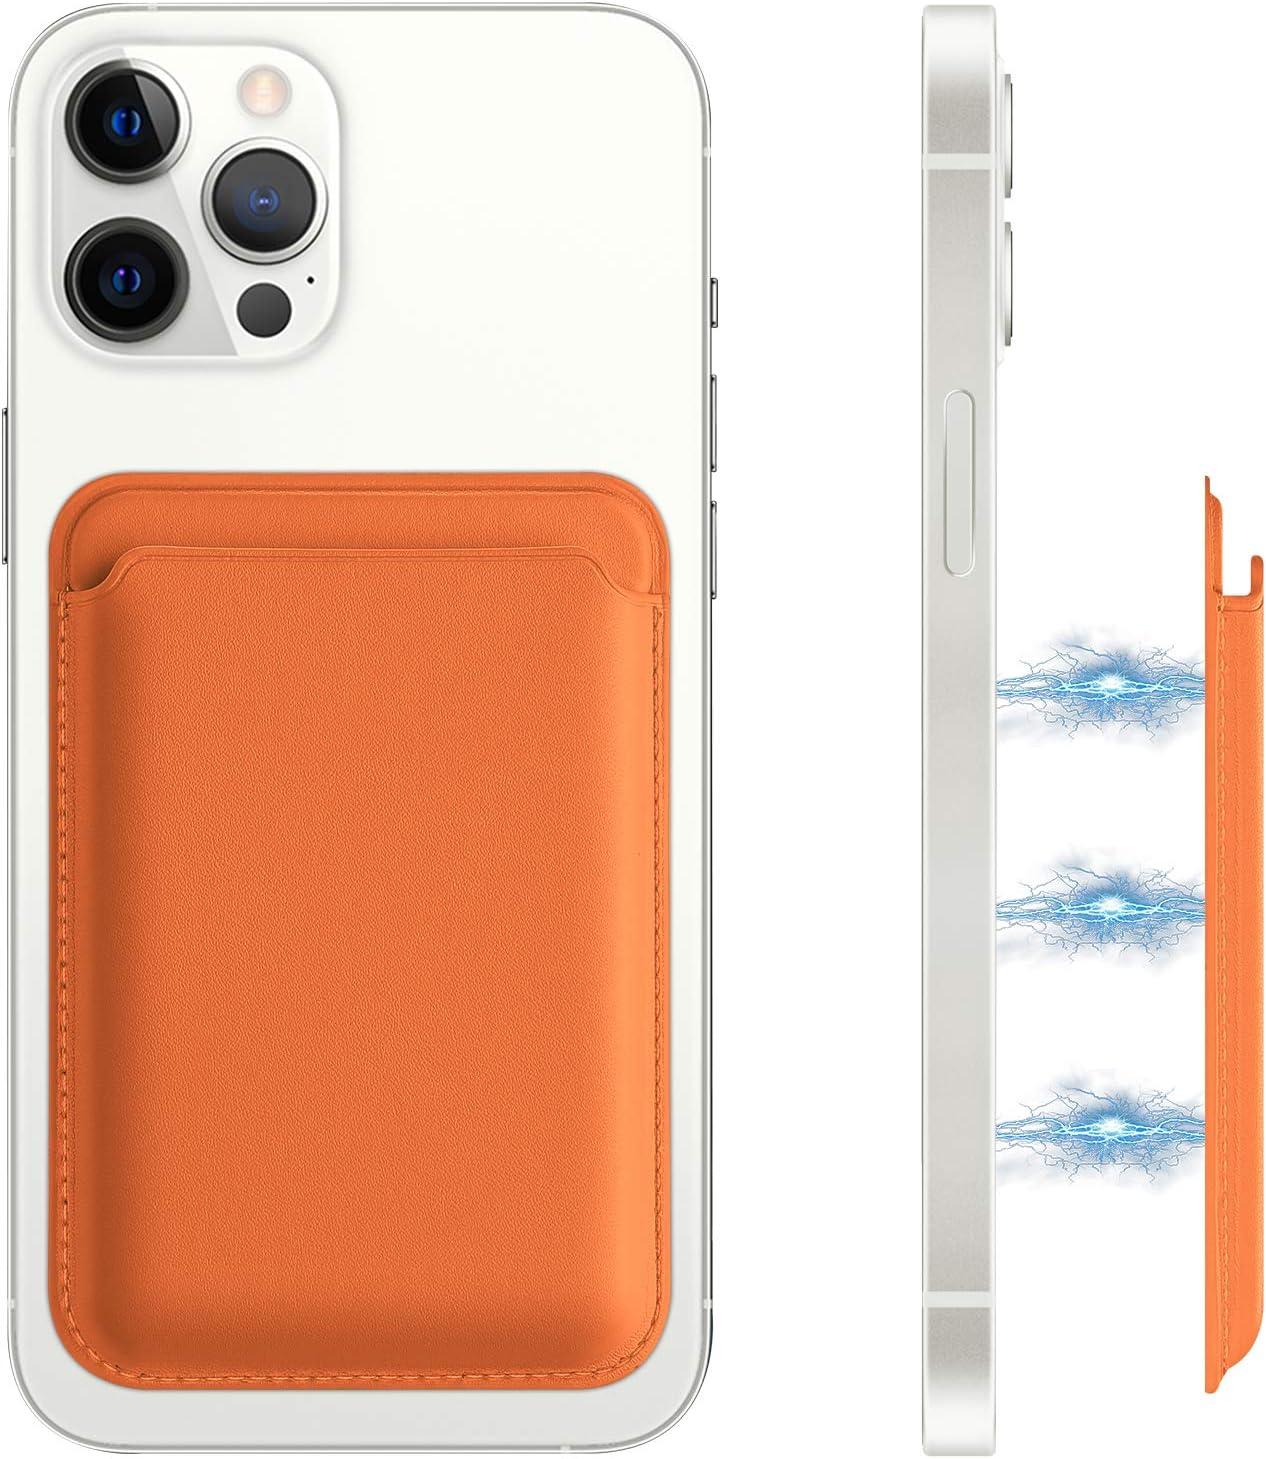 FRESHCLOUD Magnetic MagSafe Wallet Leather MagSafe Card Holder for ...